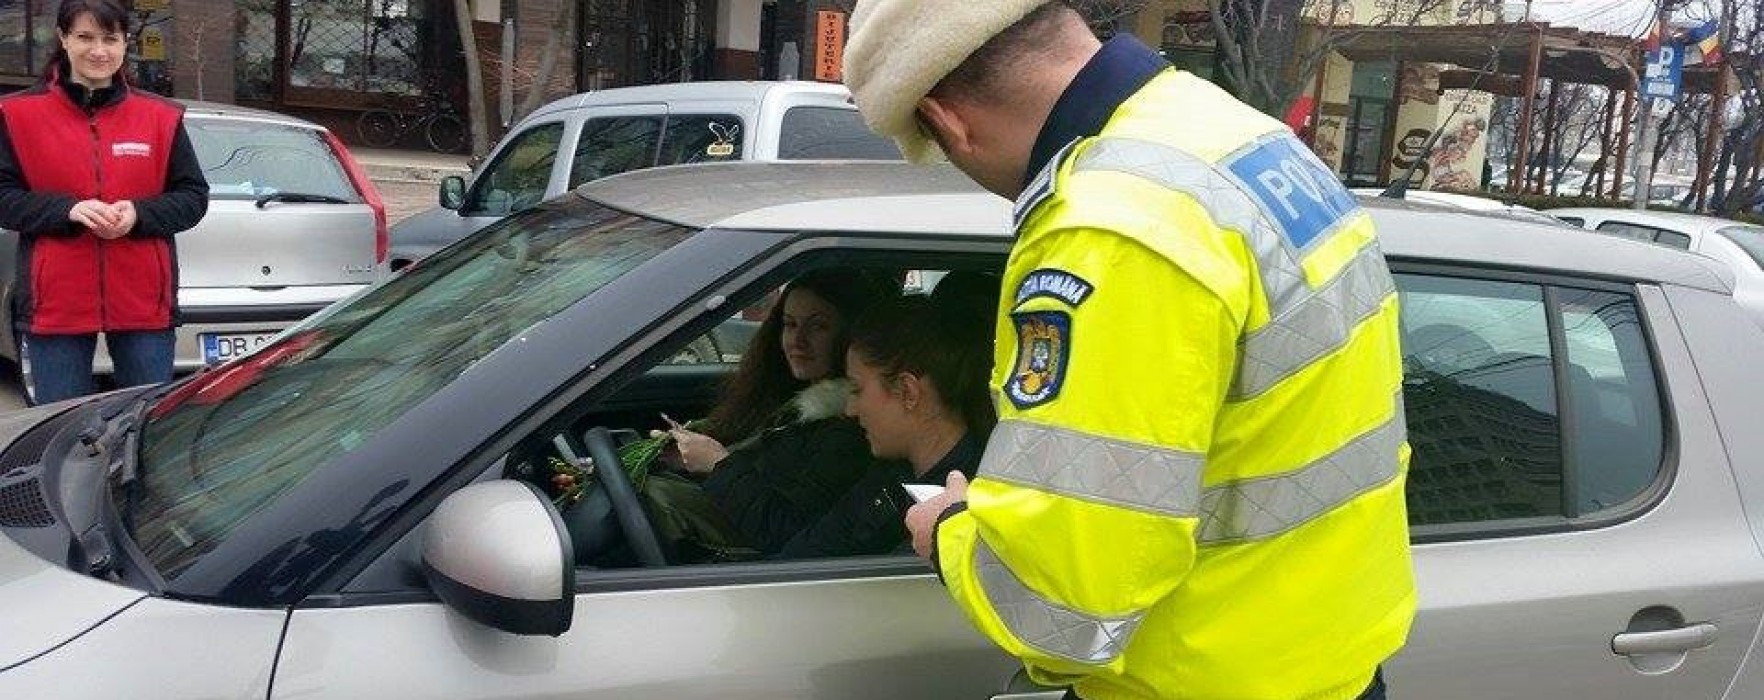 Poliţia Dâmboviţa: Acţiune de verificare a stării tehnice a maşinilor